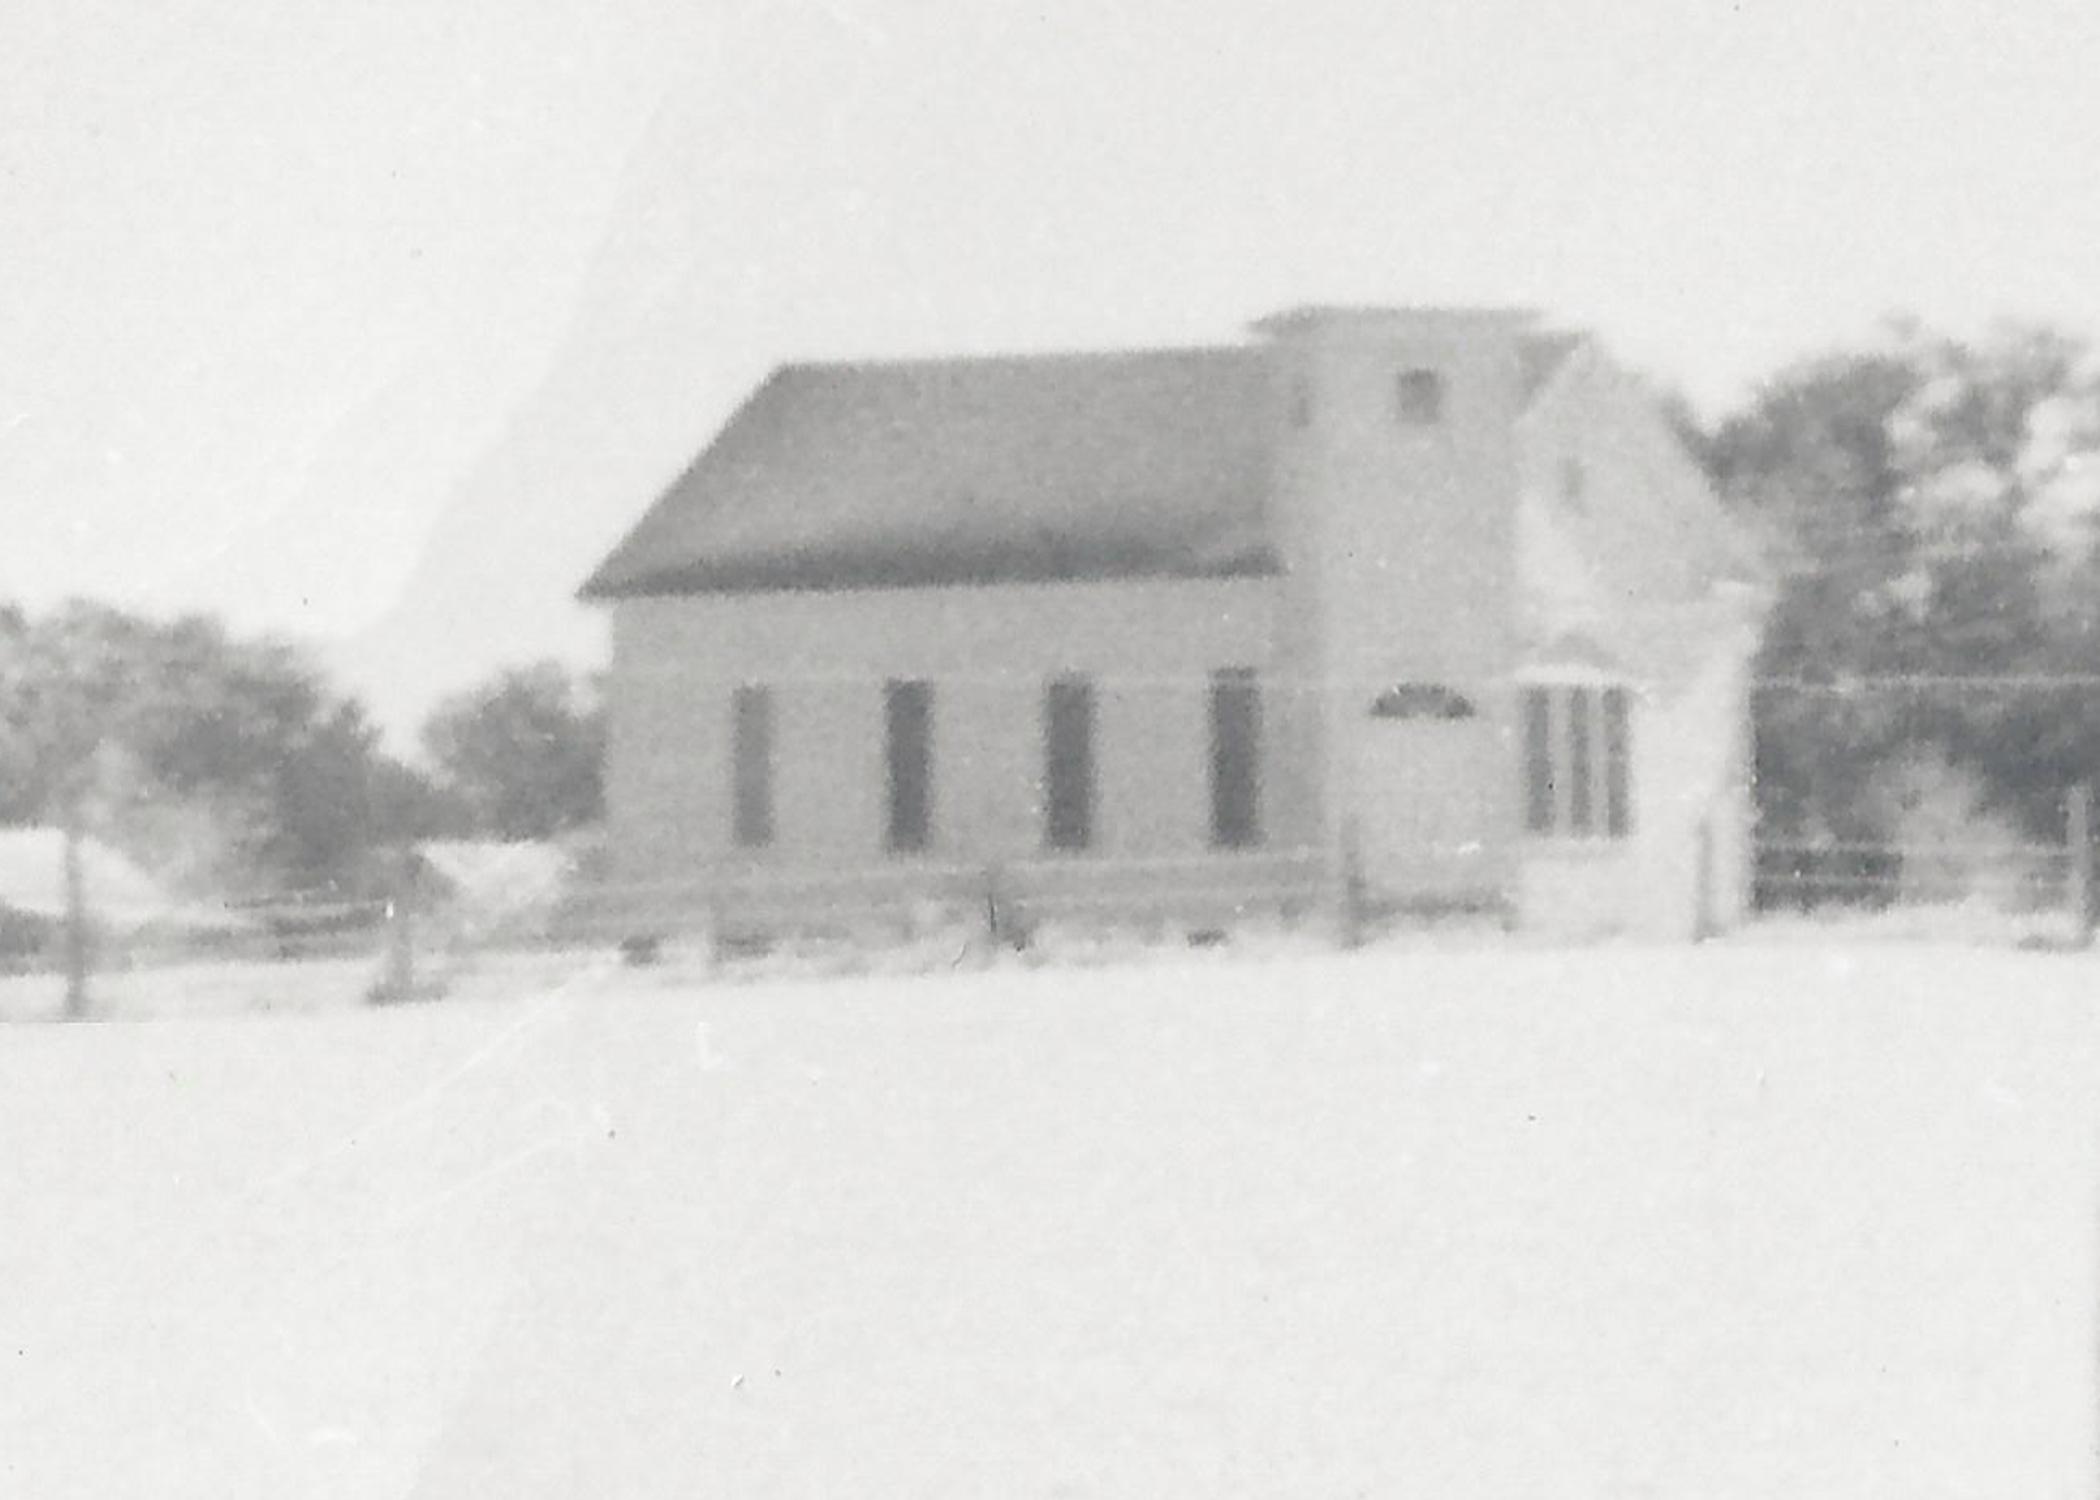 1940s, Burton Baptist Church on a snowy day